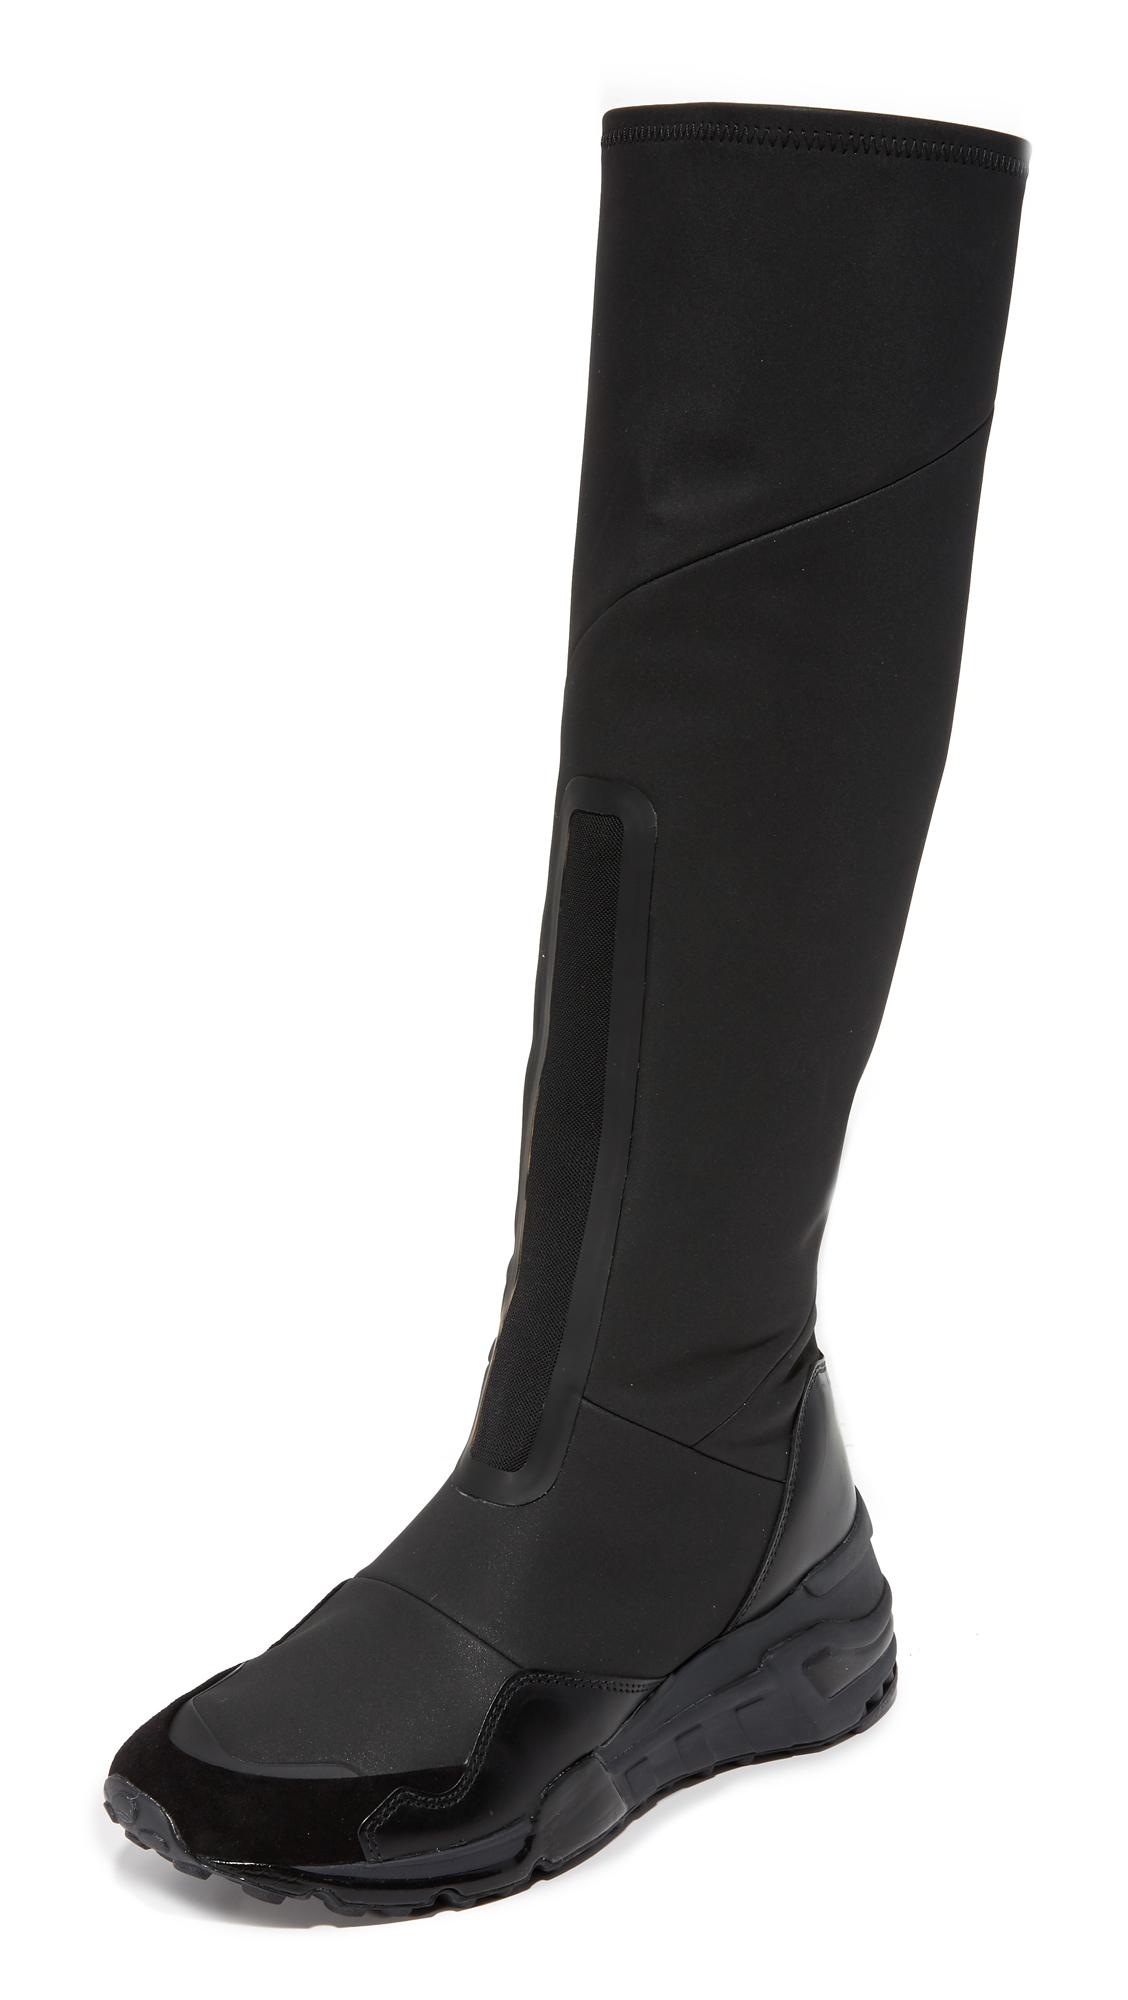 Y-3 Y-3 Wedge Runner Boots - Core Black/Core Black/Carbone